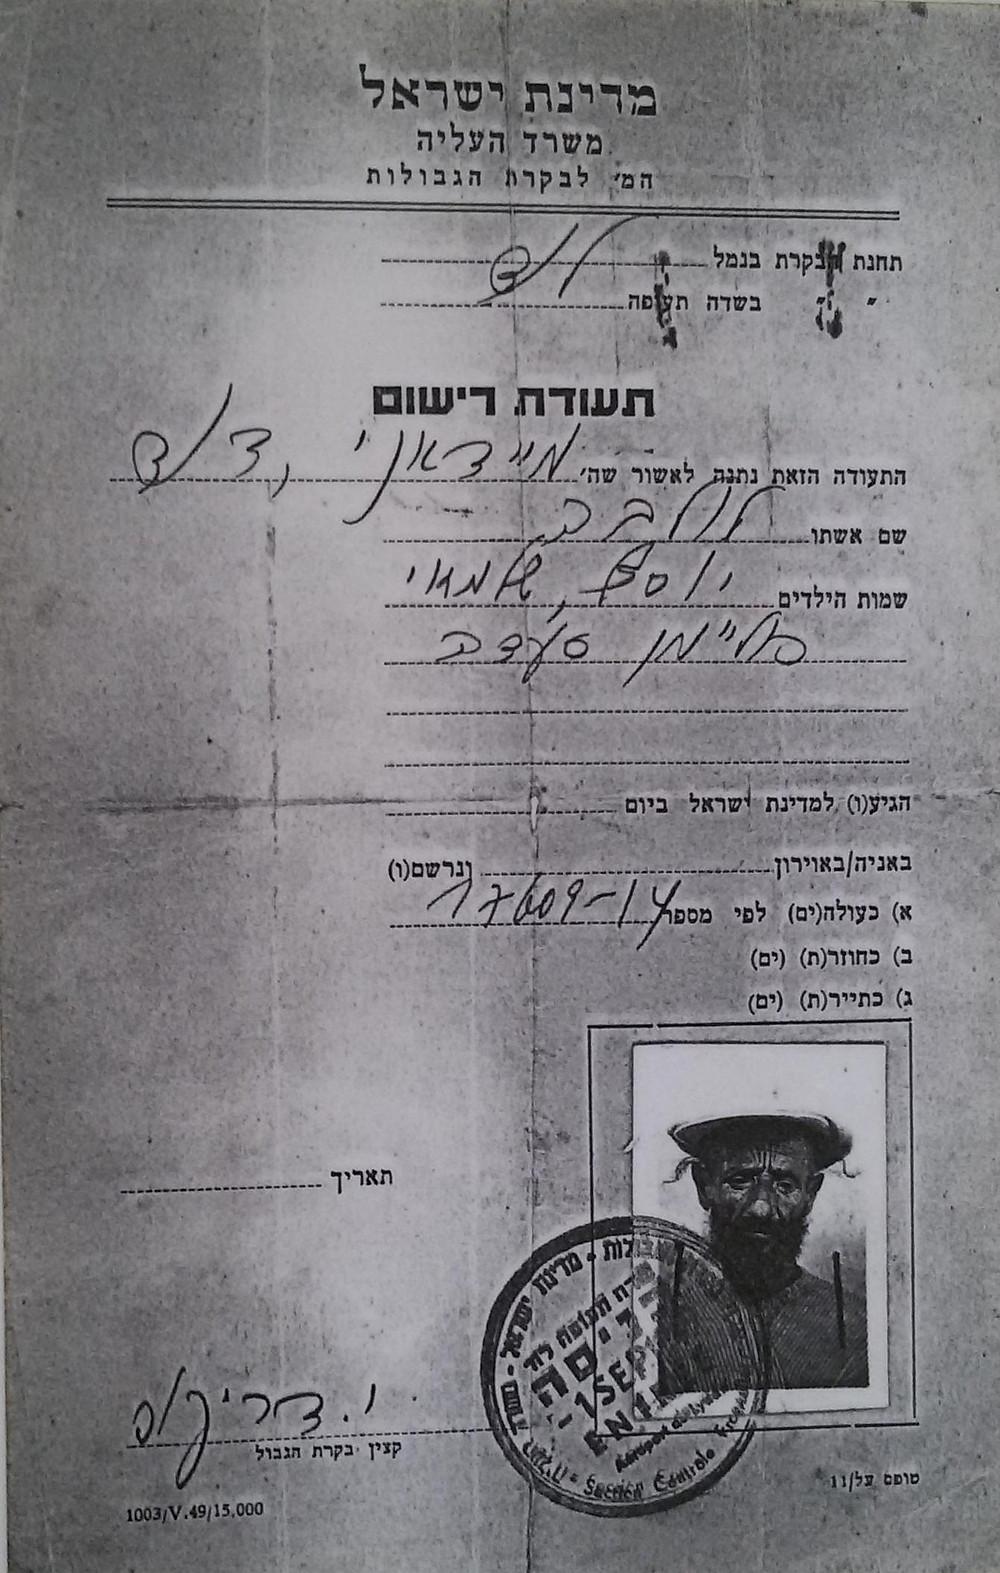 תעודת העלייה של אבי המשפחה דוד מידני 1949